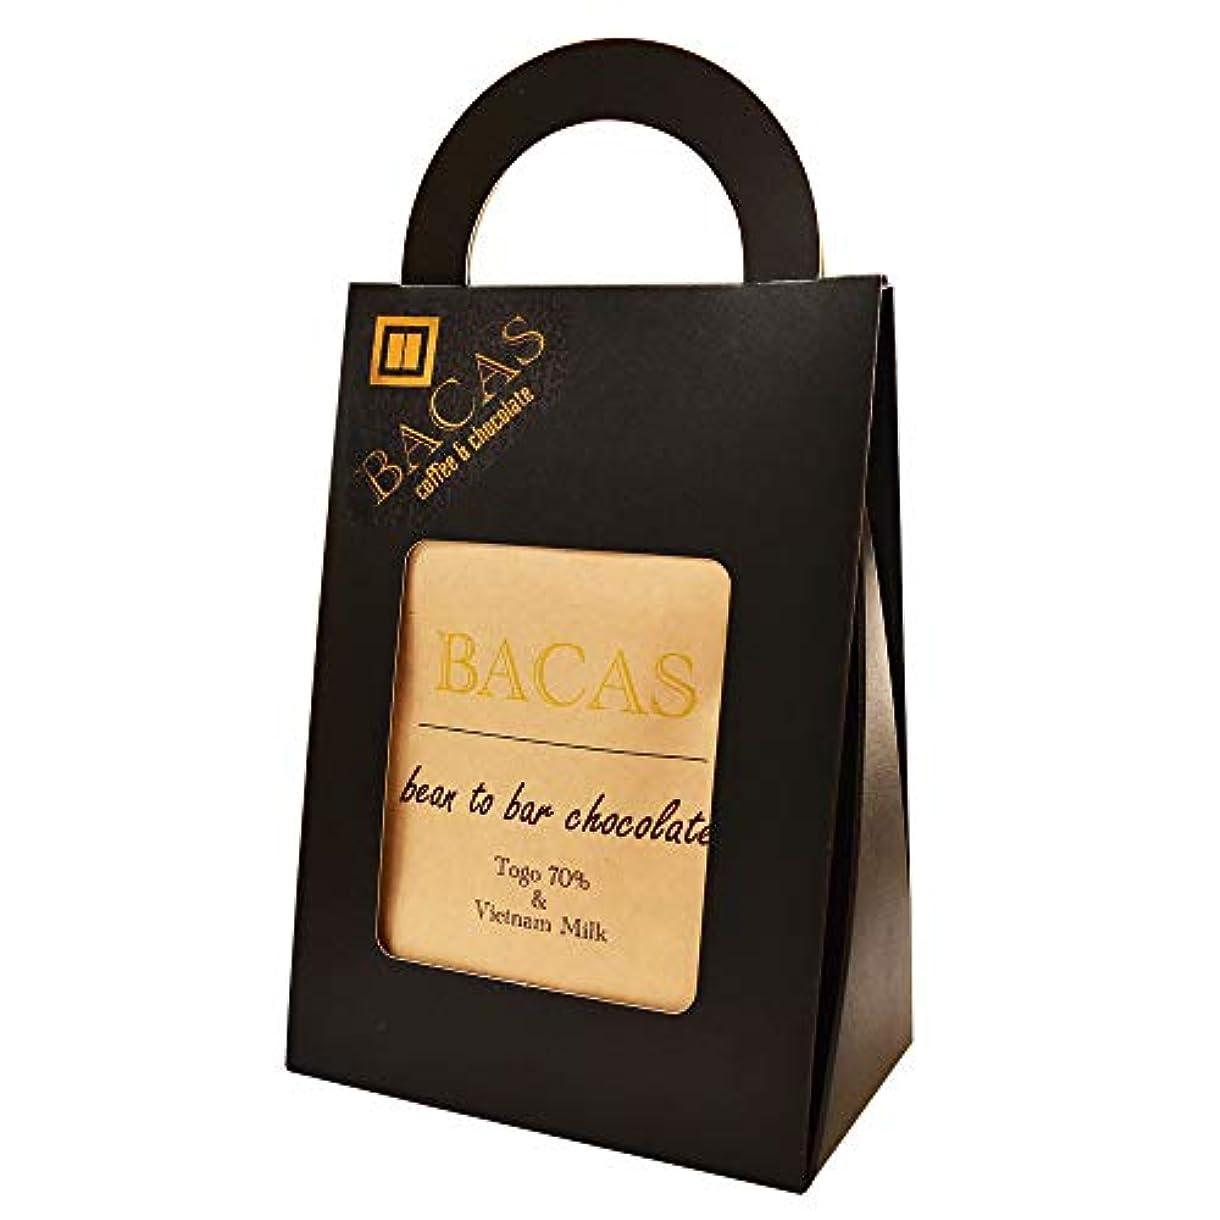 胃覚醒極めて重要なBACAS (バカス) ビーントゥバー チョコレート ギフトセット ハイカカオ 内祝い ホワイトデーのお返しお菓子に bean to bar chocolate (5袋セット)